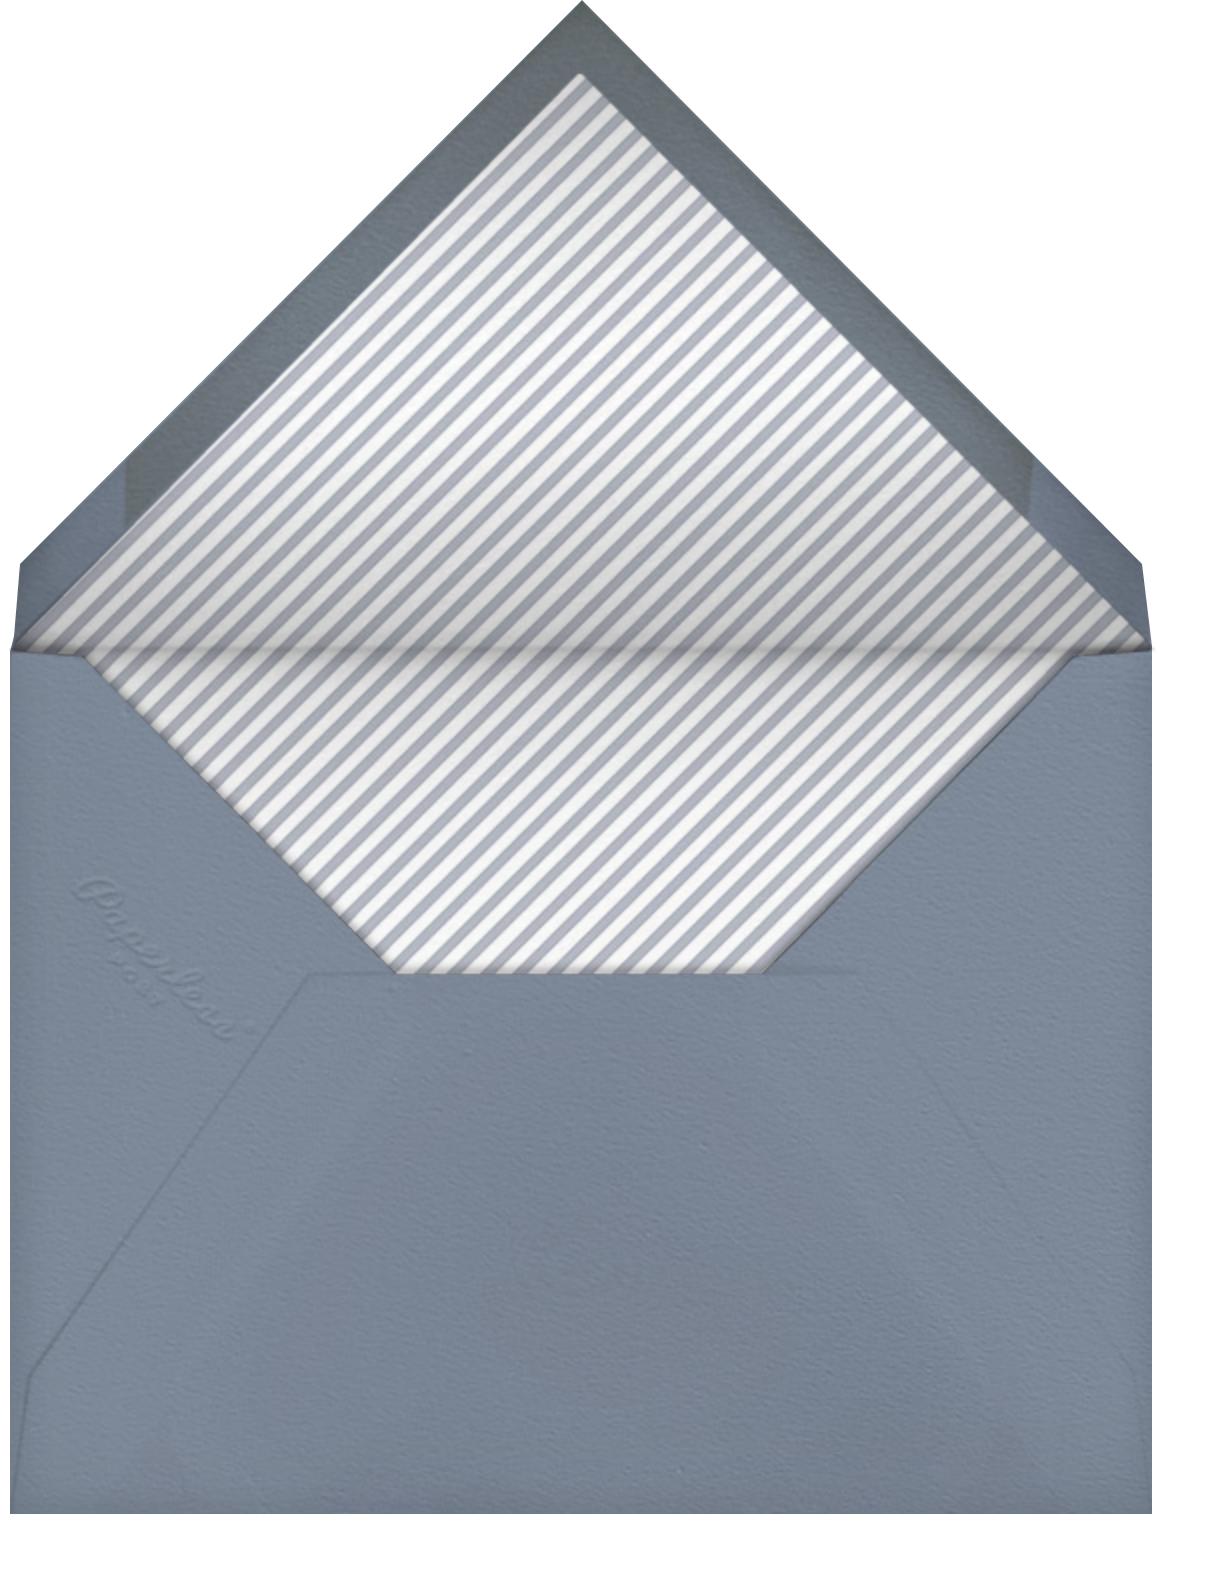 Snowdrift - Spring Rain - Paperless Post - Envelope